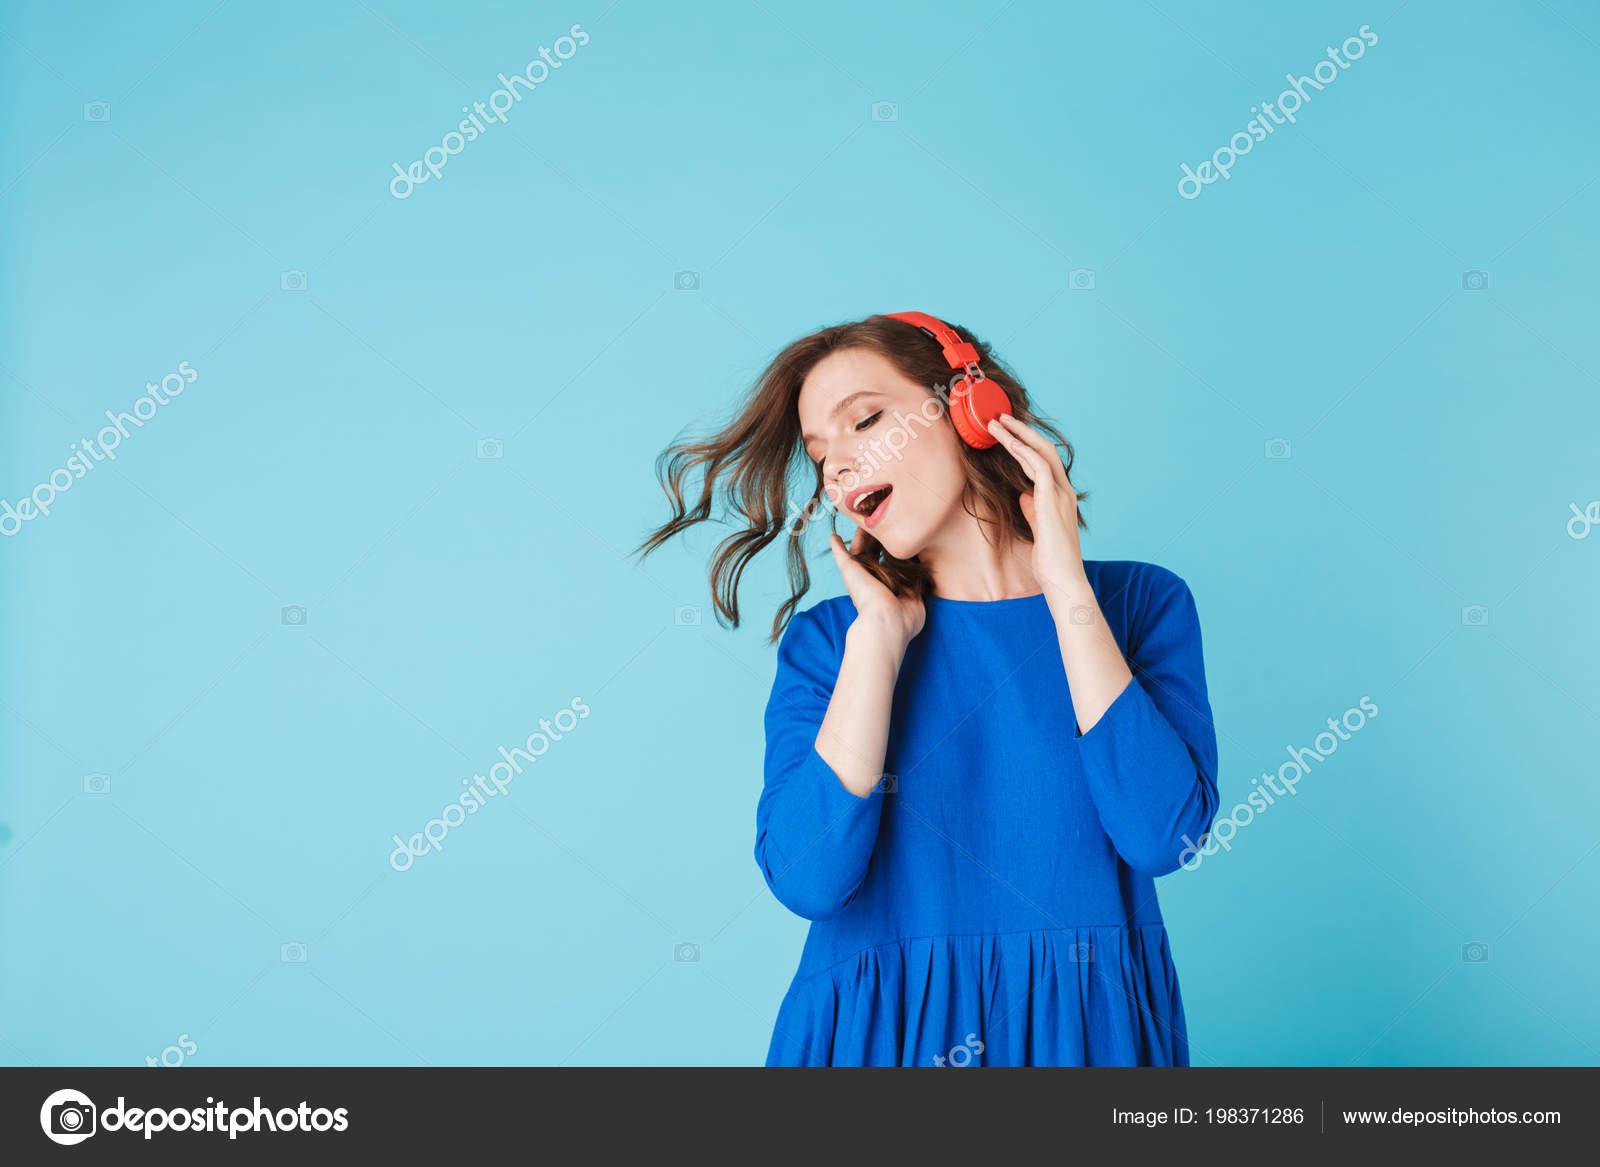 64b55fba0 Retrato Joven Dama Bonita Vestido Azul Bailando Mientras Escucha Música —  Foto de Stock